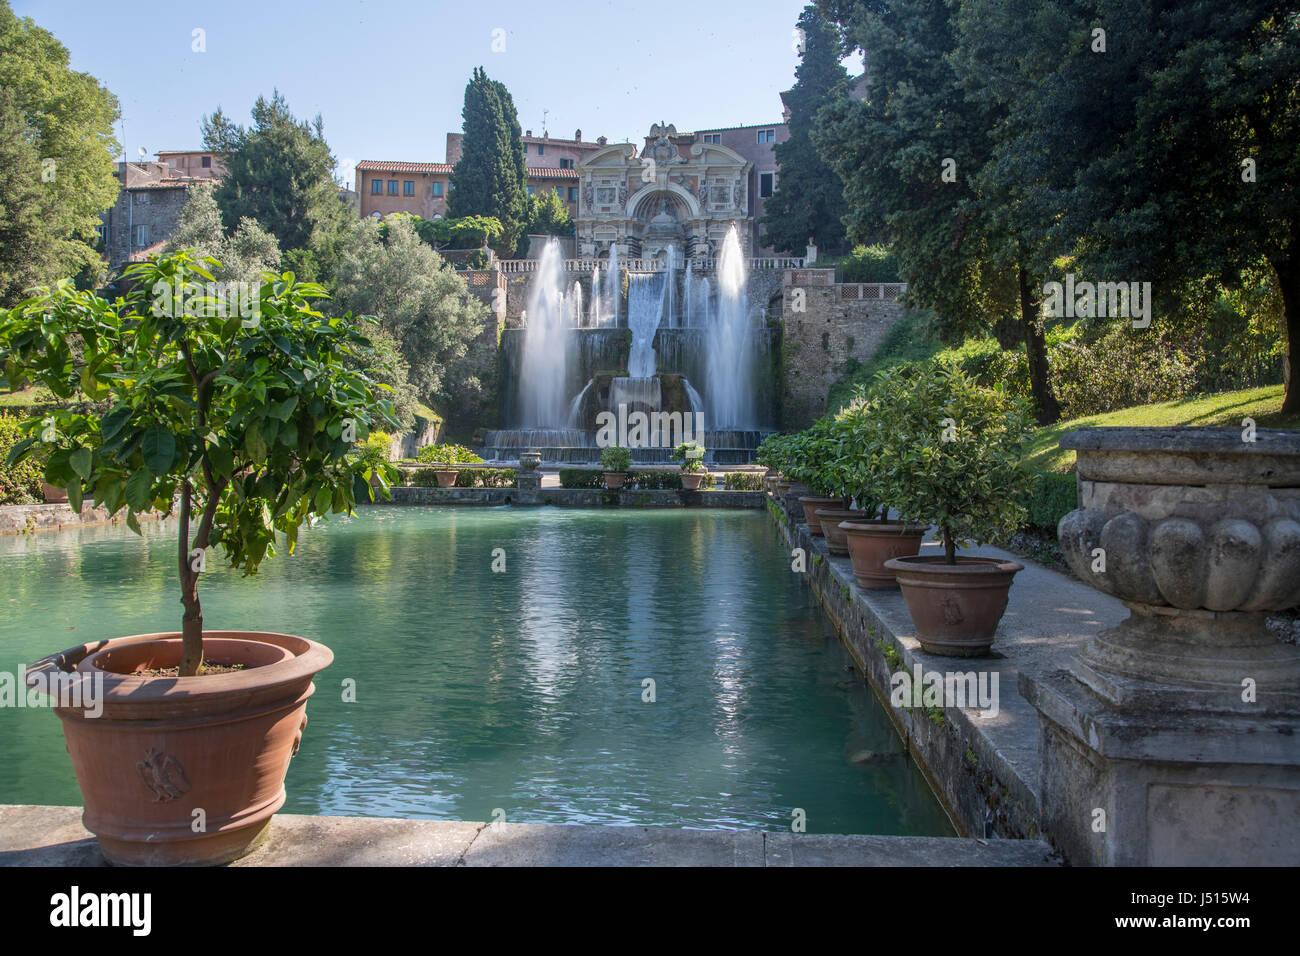 Blick in Richtung der Fischteiche, der Neptun-Brunnen (Fontana di Nettuno) und der Brunnen der Orgel, Villa d ' Stockfoto